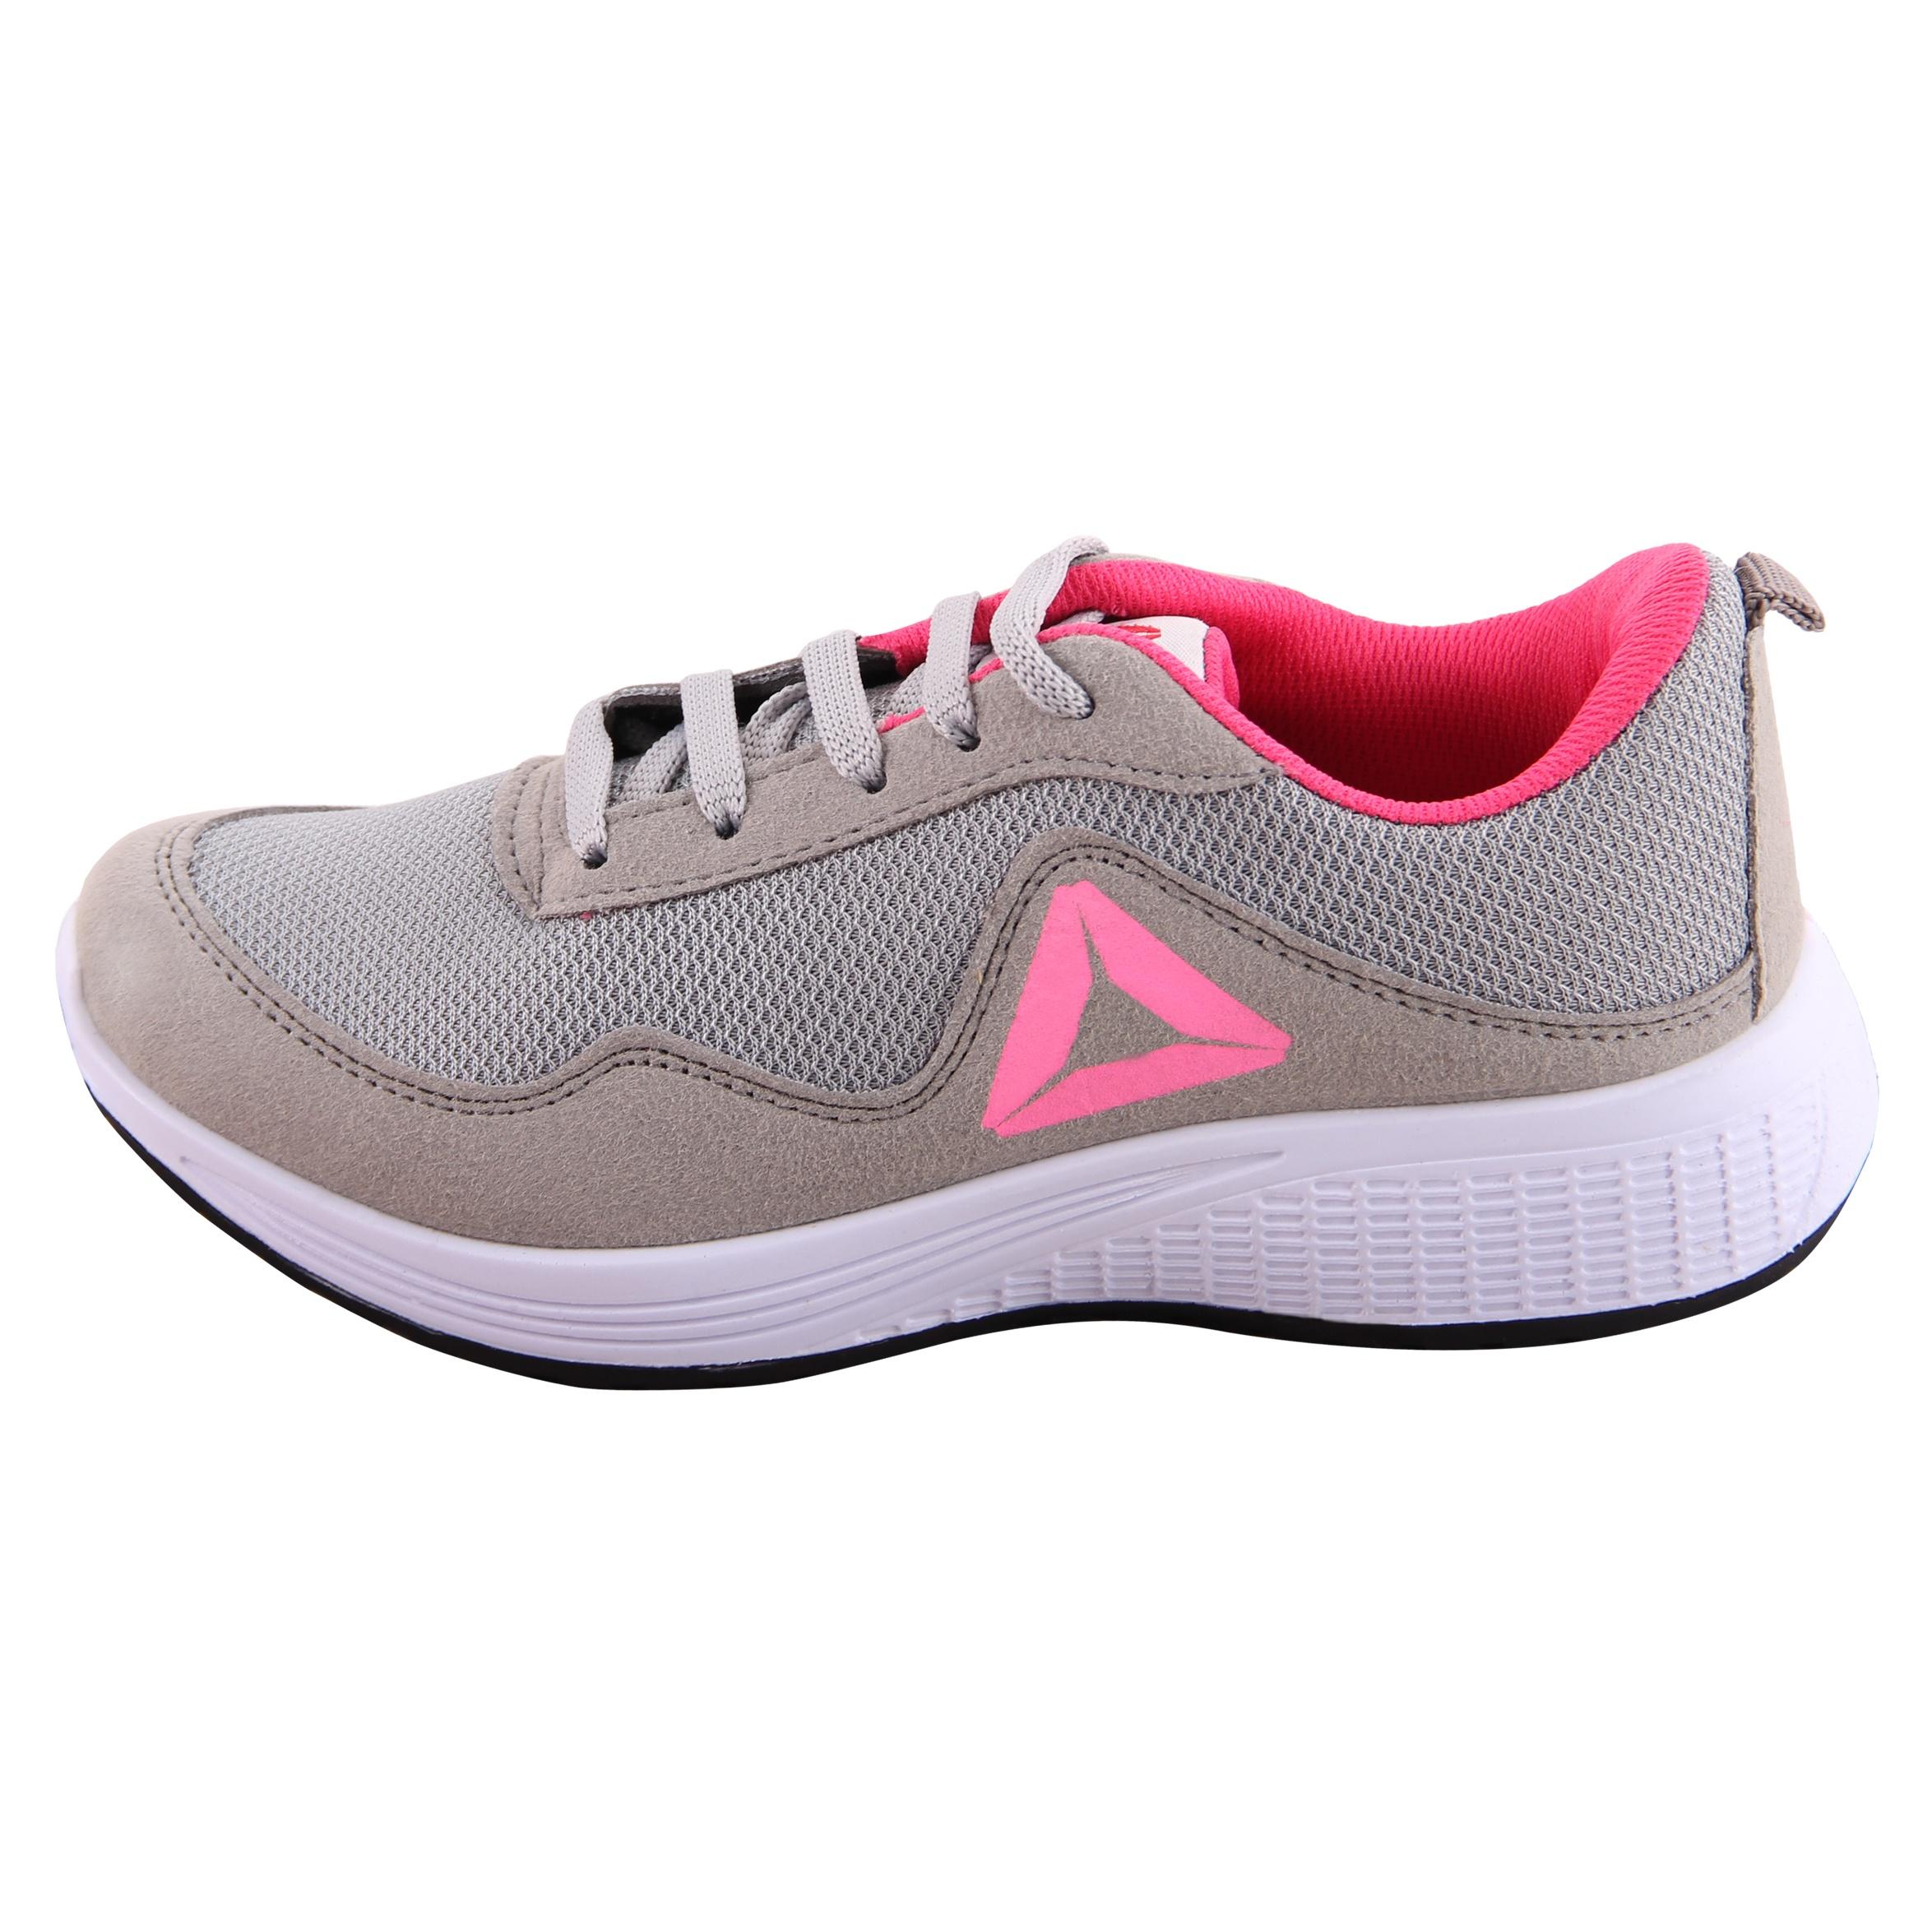 کفش مخصوص پیاده روی زنانه کد 88-2397180